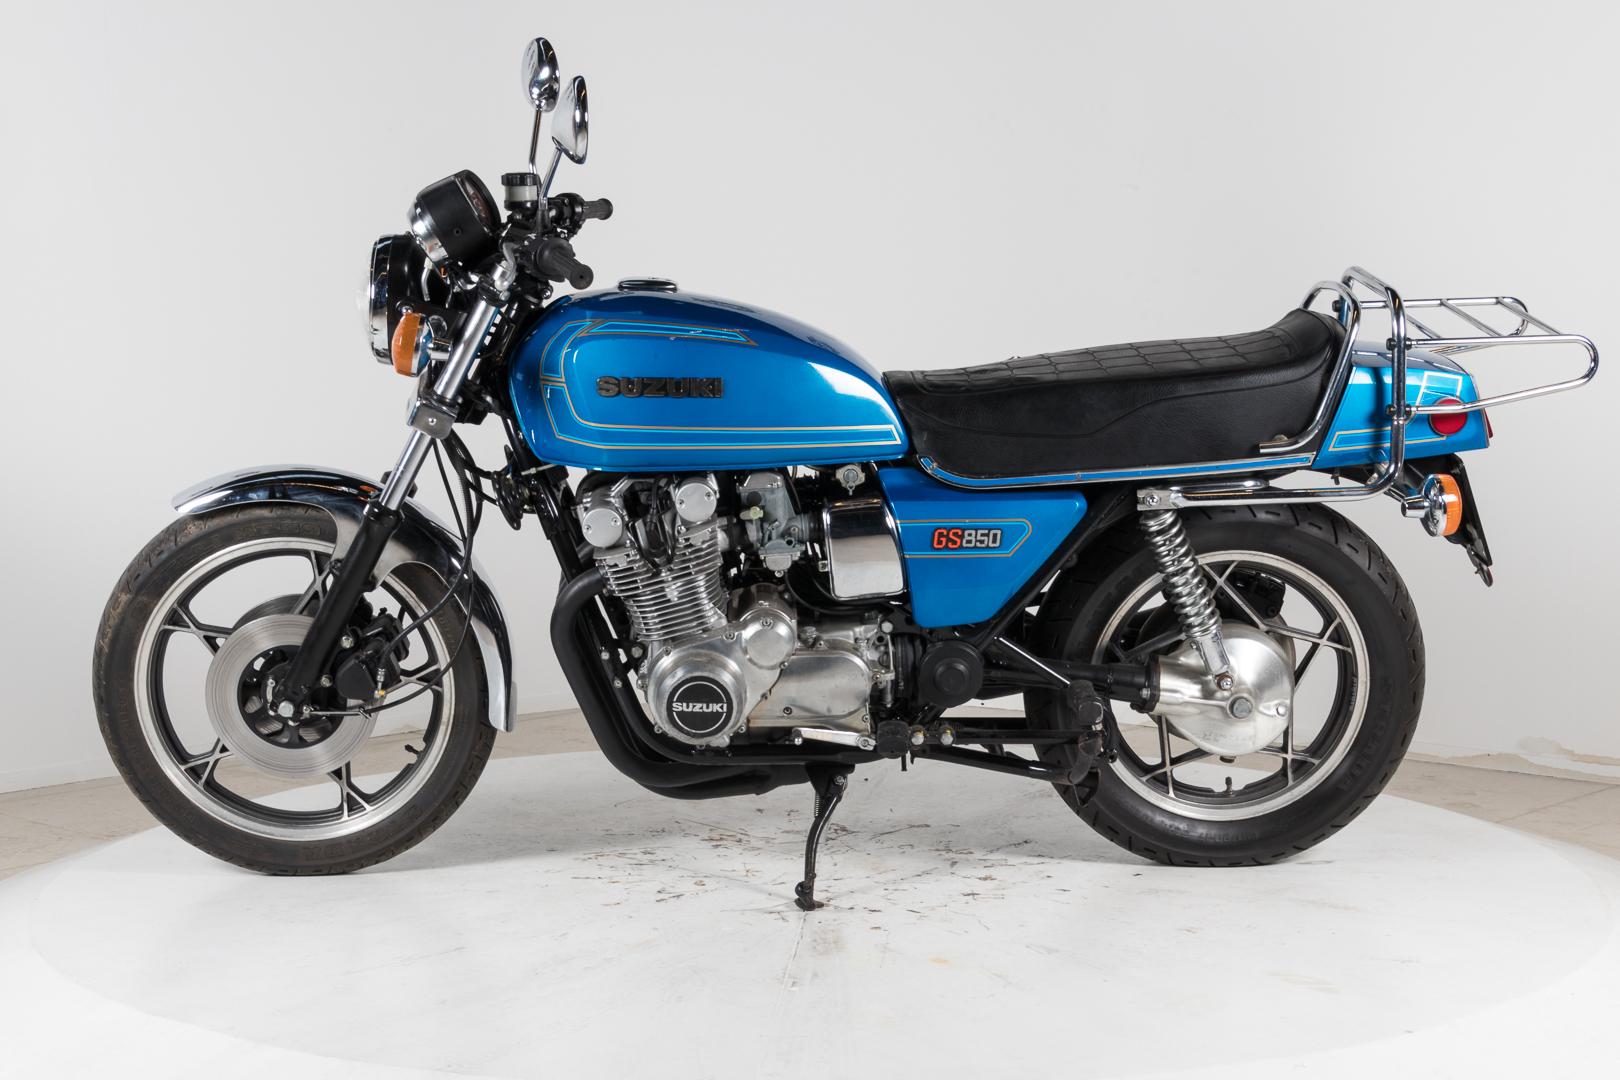 1979 suzuki gs850 cardano japanische motorr der ruote da sogno europas gr ter h ndler f r. Black Bedroom Furniture Sets. Home Design Ideas